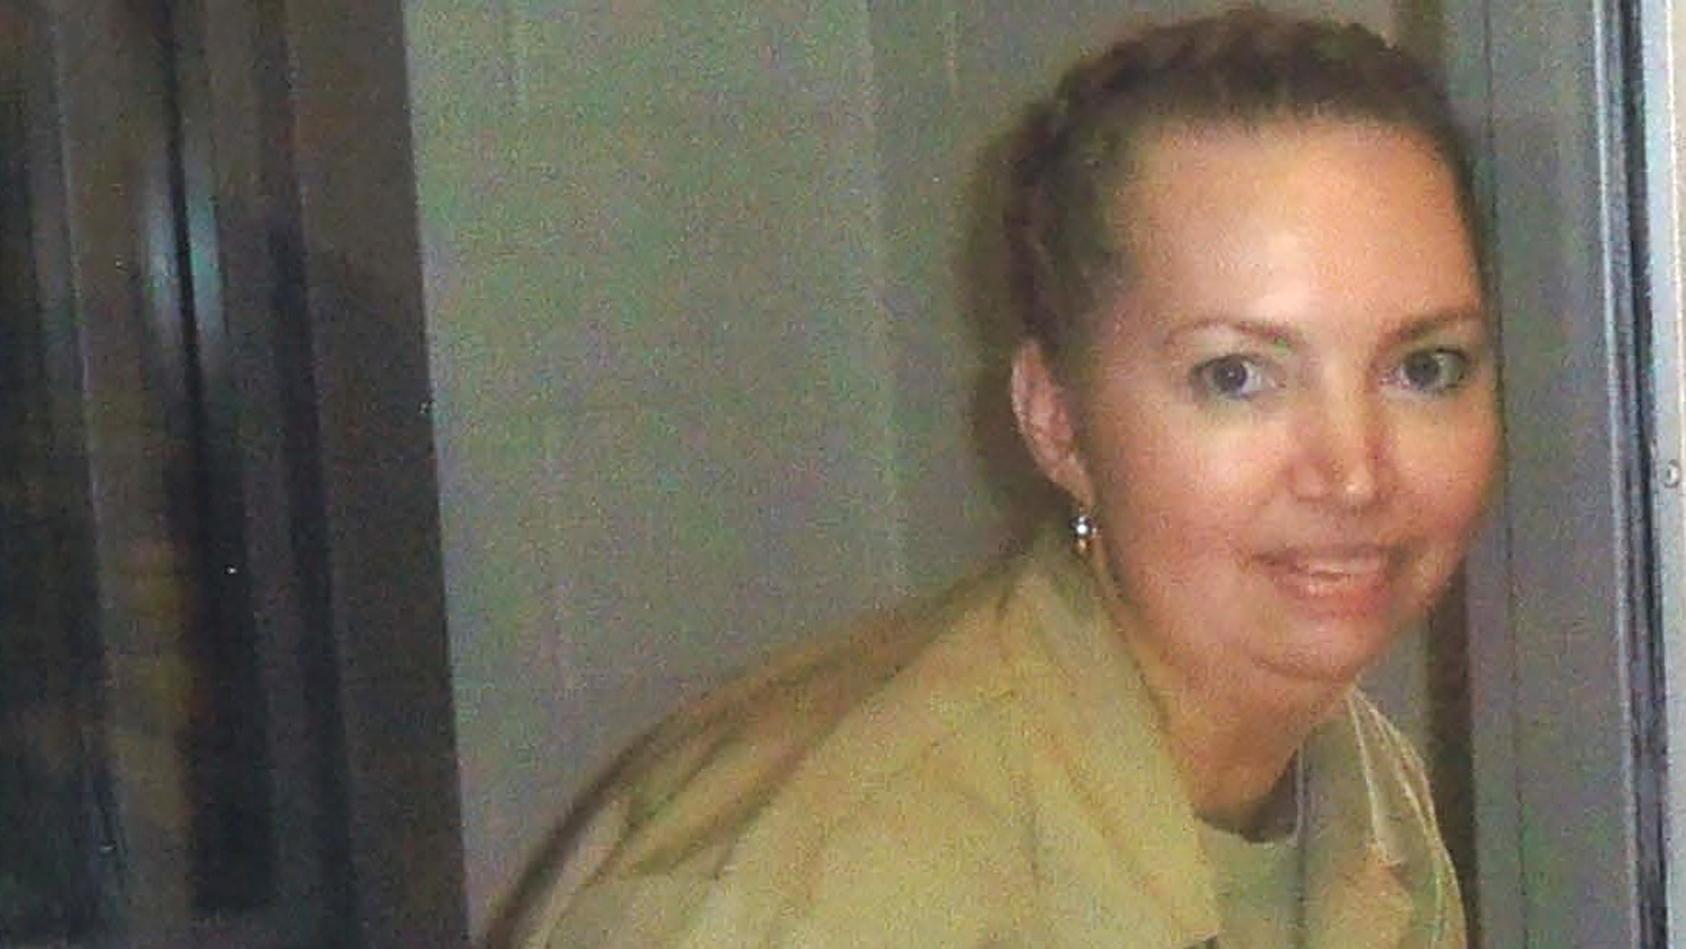 EIn US-Gericht hat den Termin festgesetzt, an dem Lisa Montgomery hingerichtet werden soll.